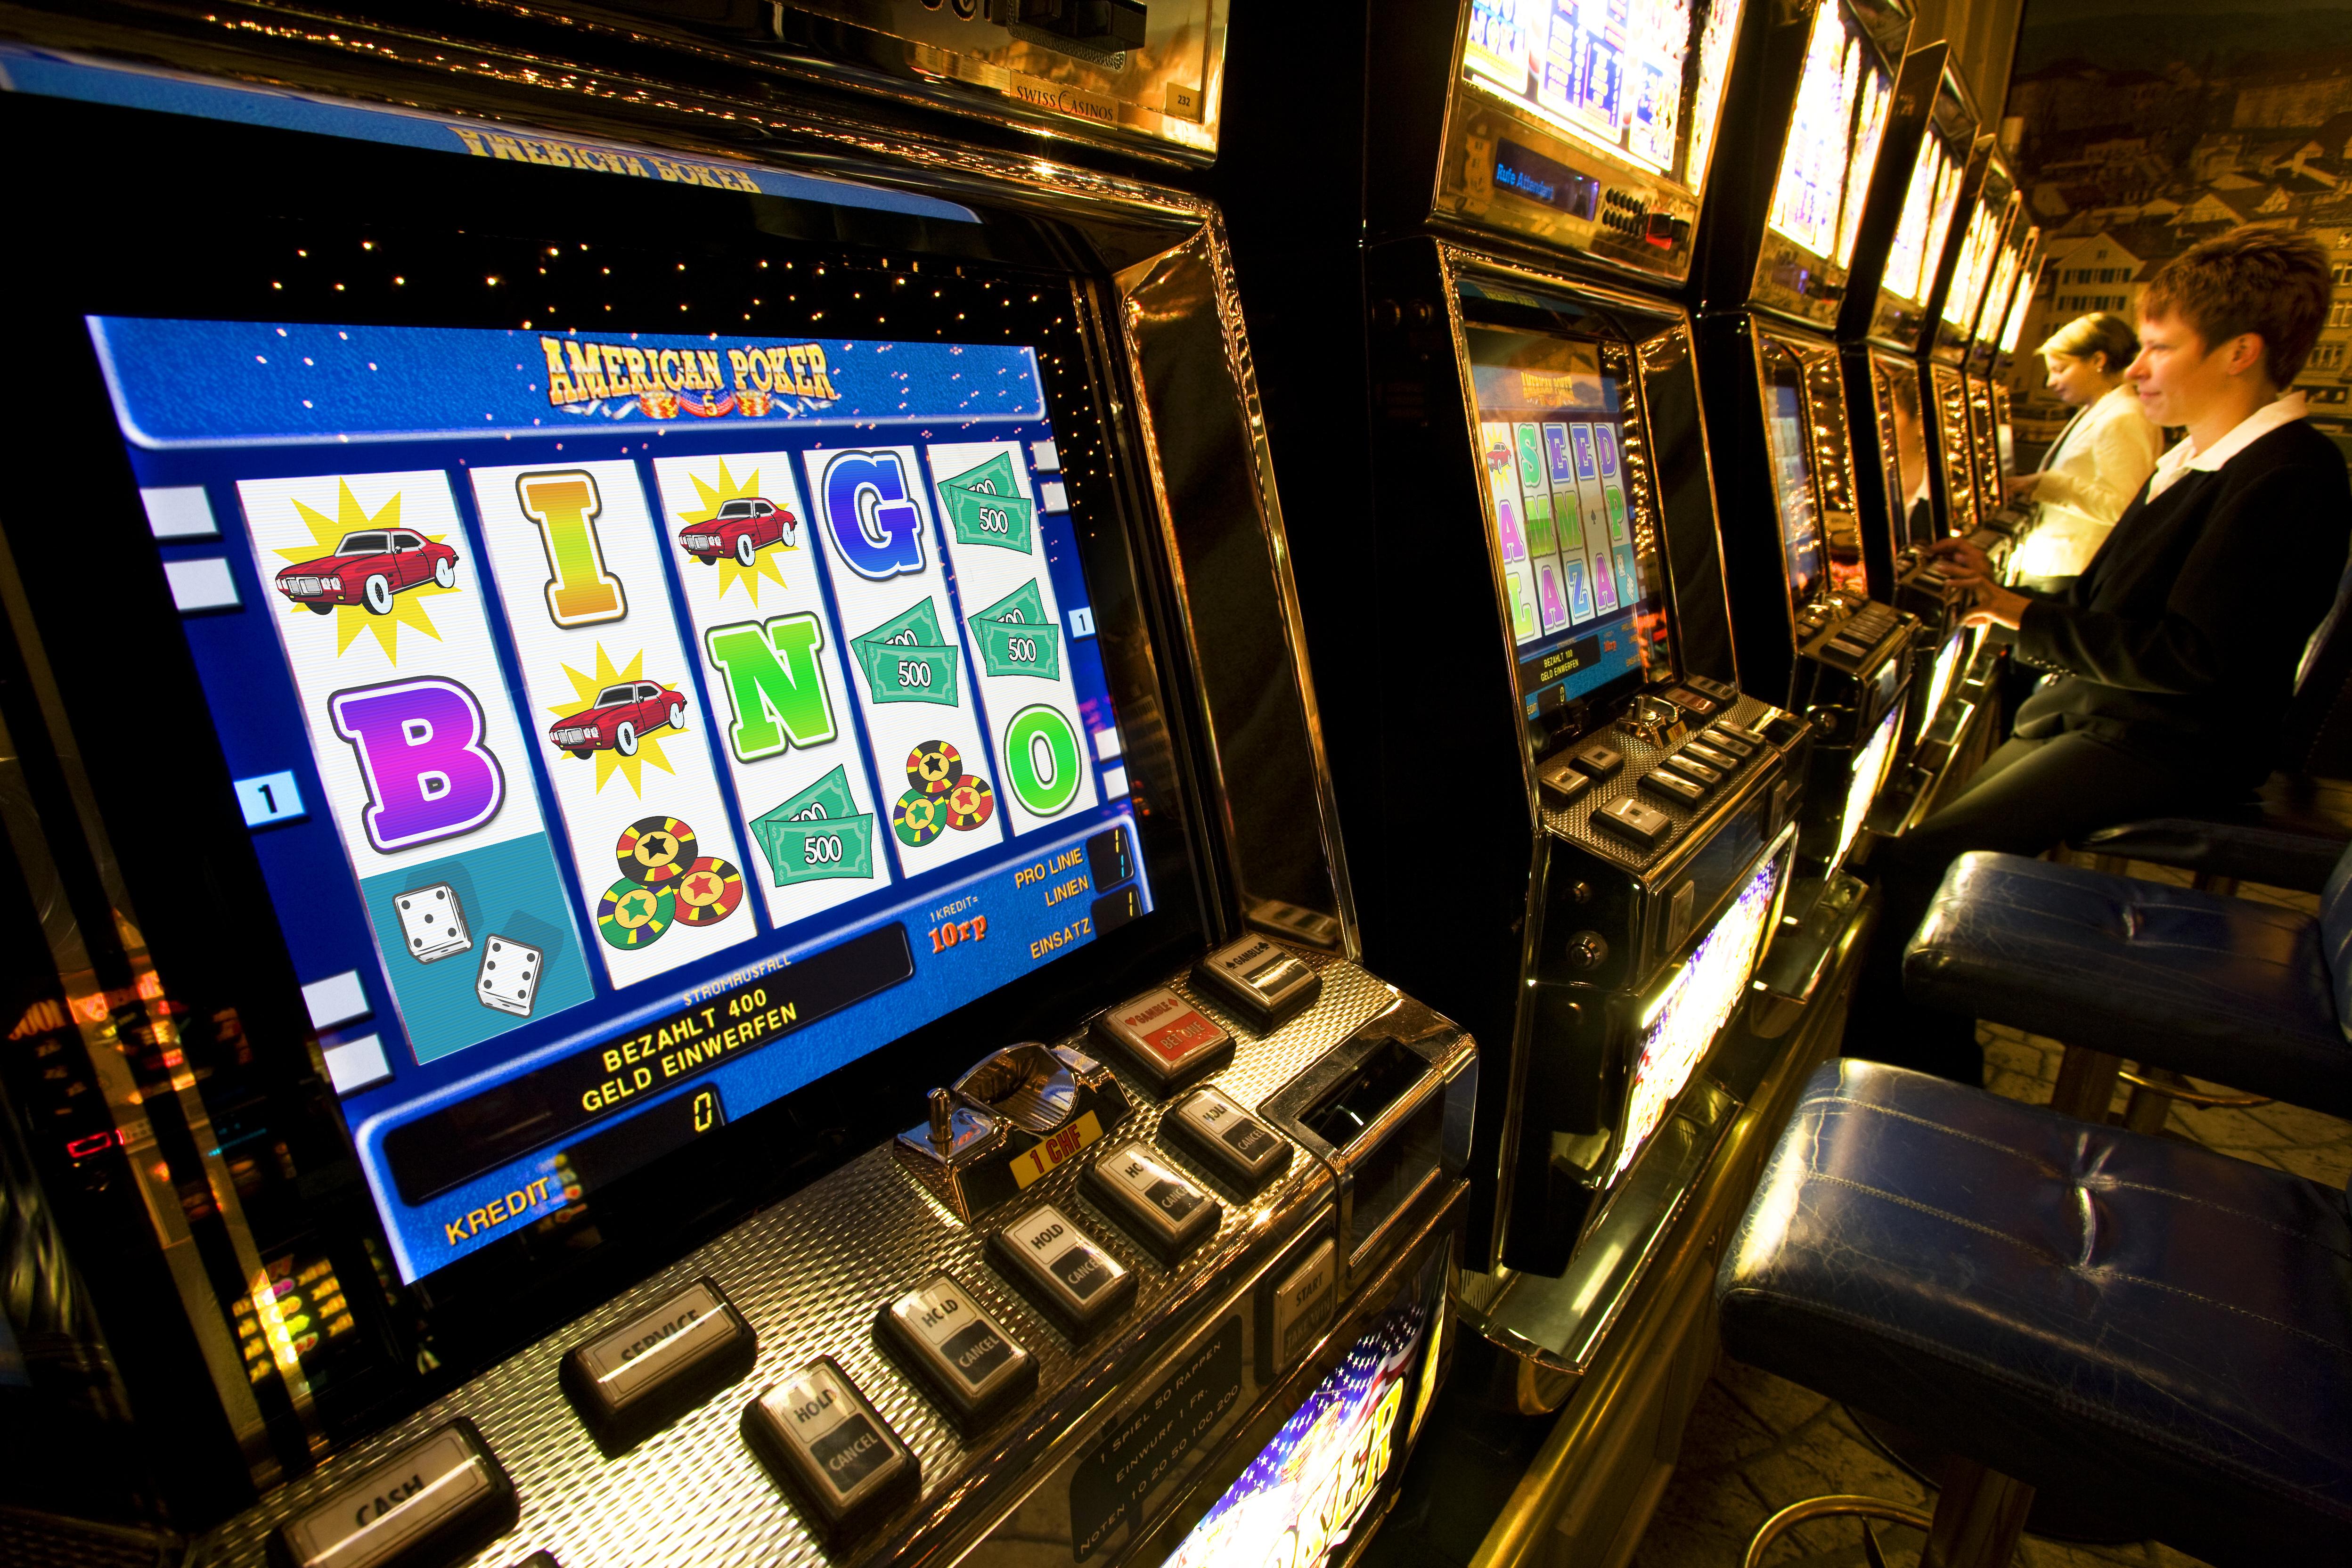 Ограбление казино 2012 смотреть онлайн бесплатно в хорошем качестве hd